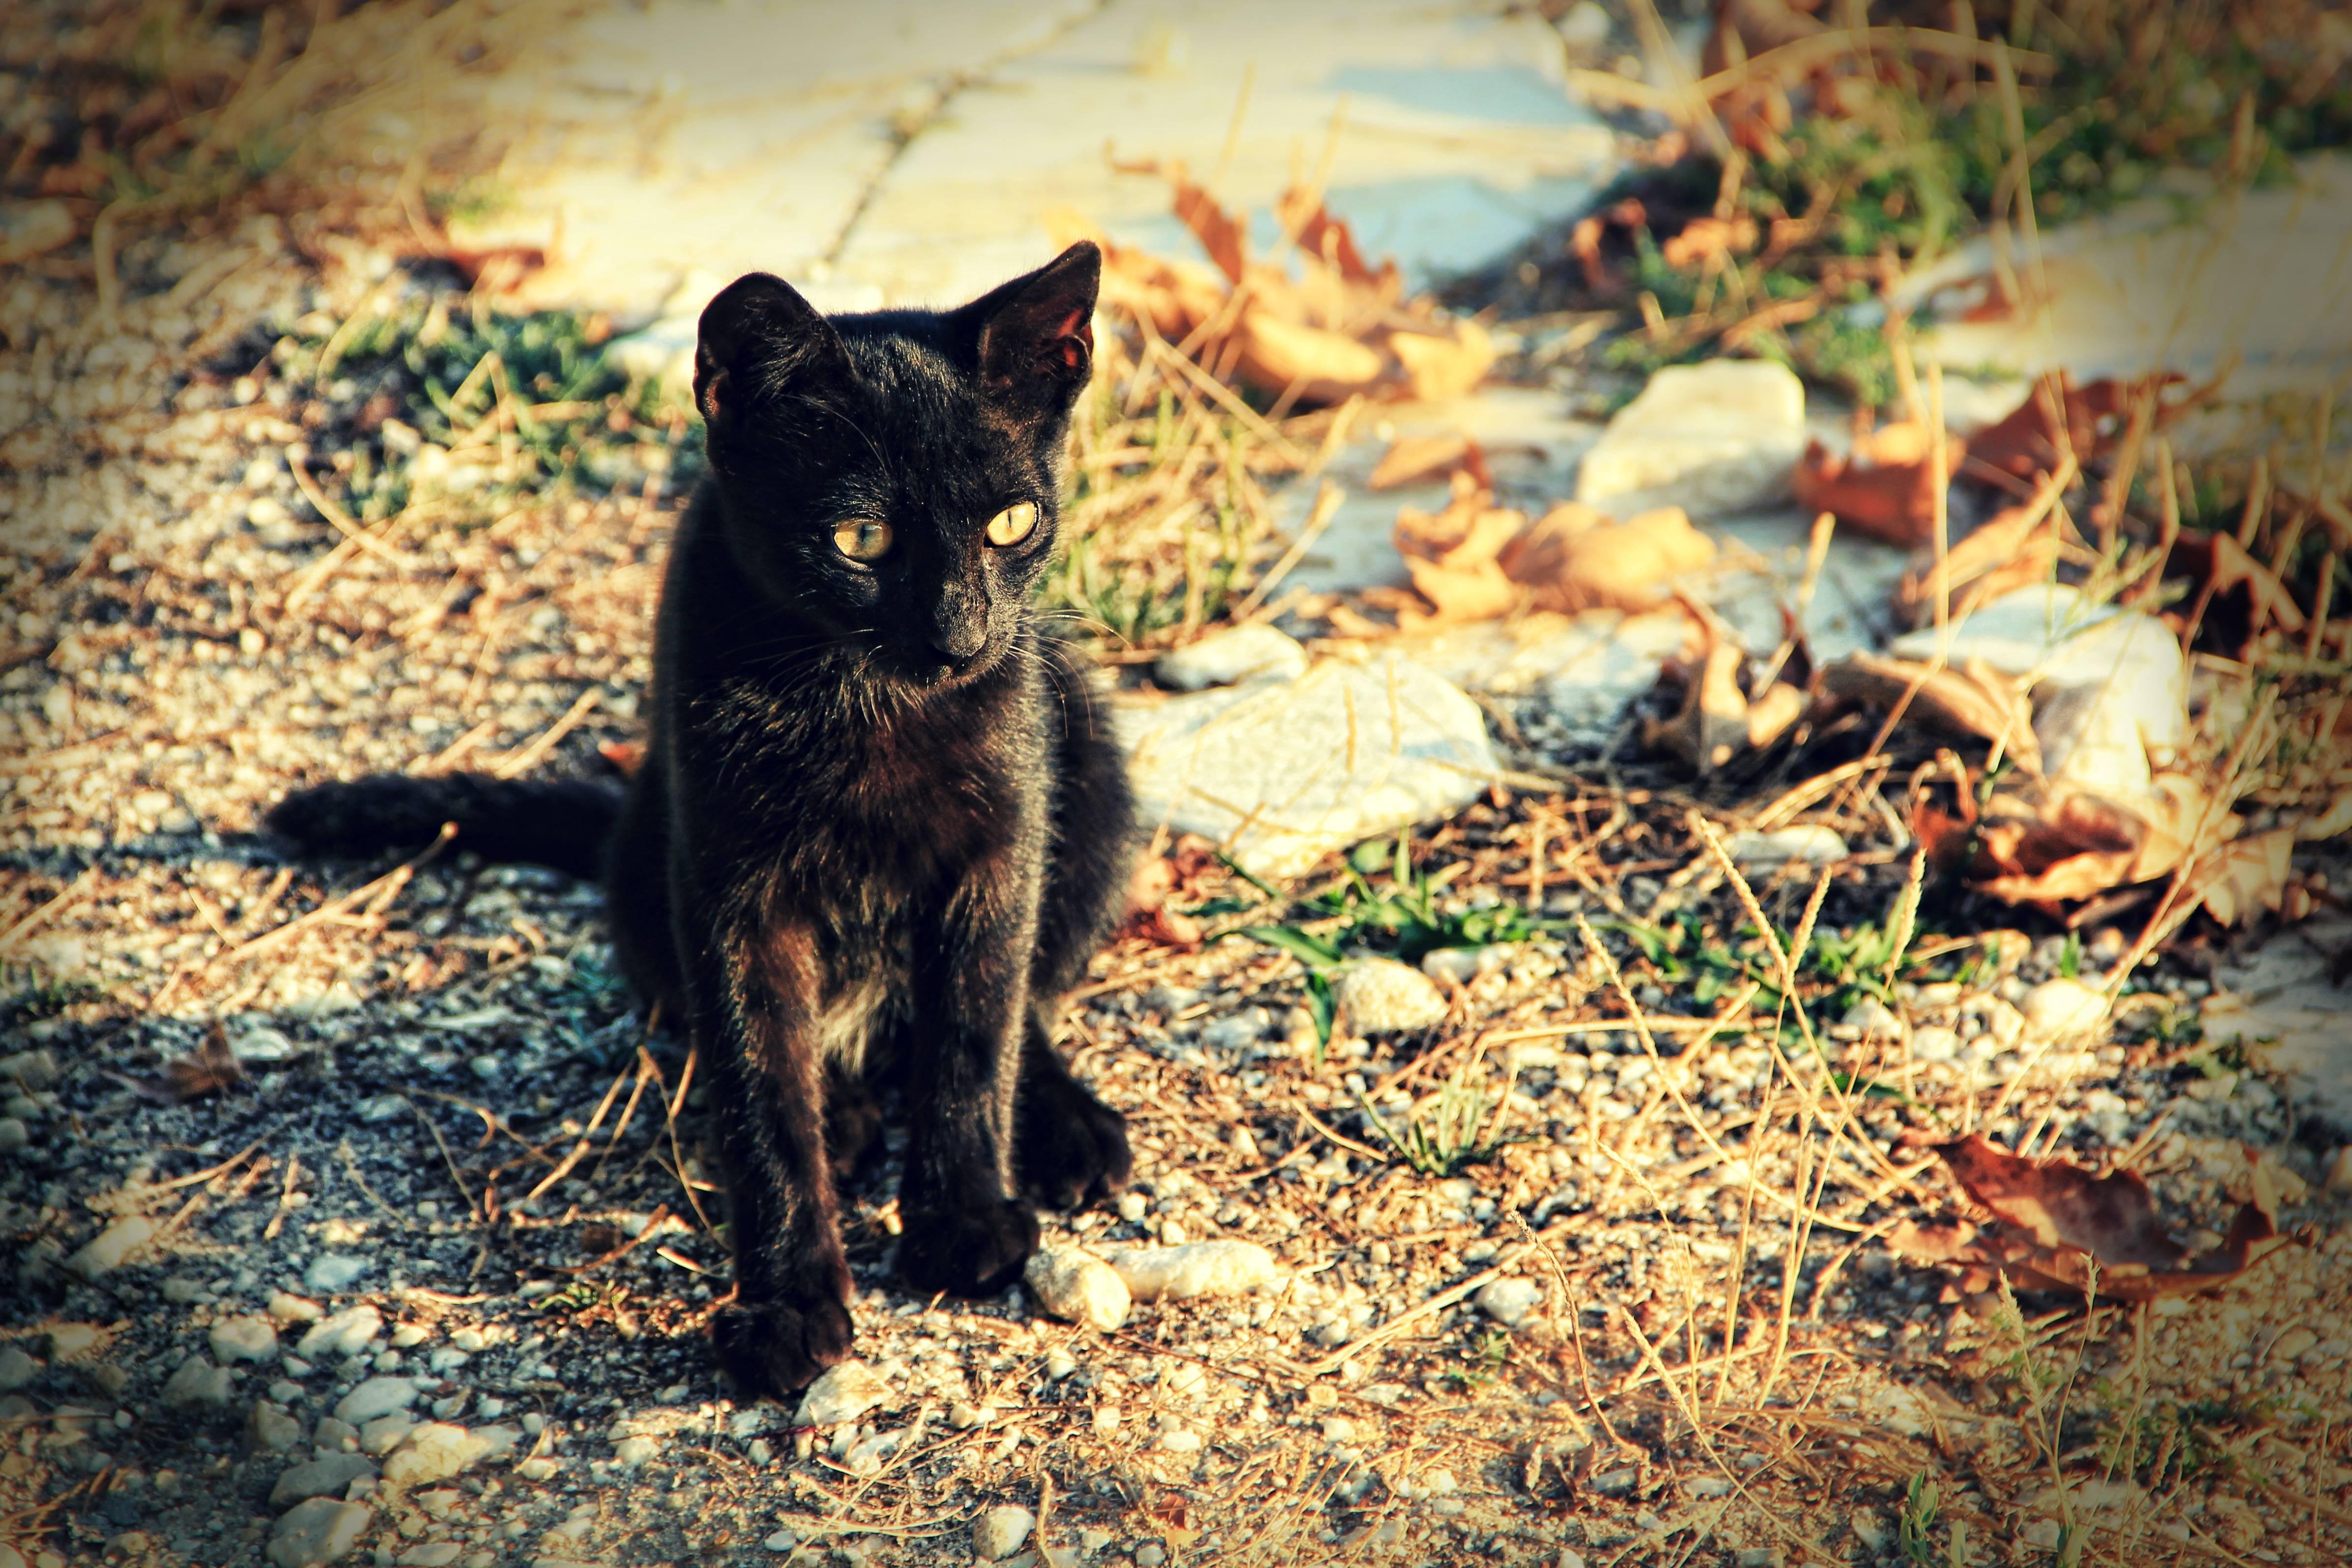 Кошка пришла в дом: примета и возможные толкования по месяцу и цвету